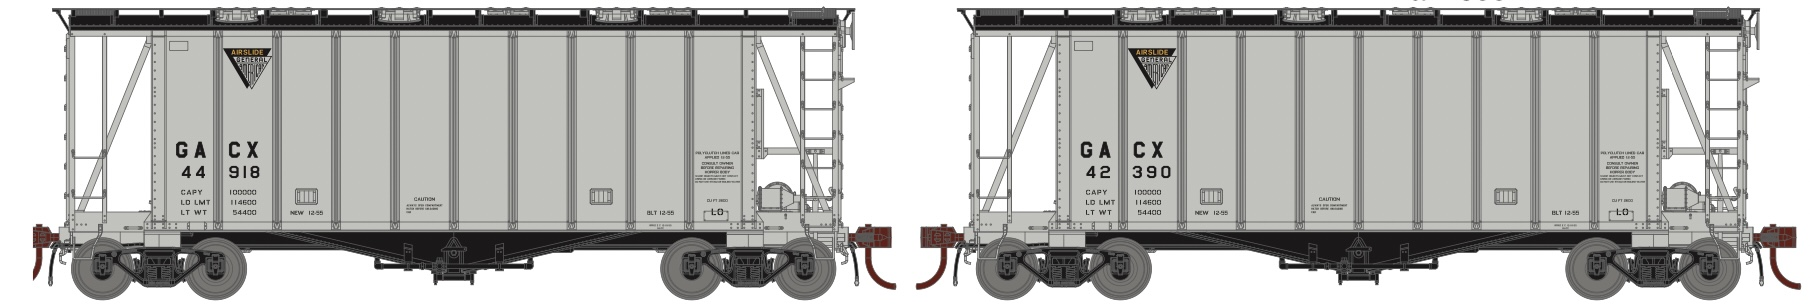 N Scale - Athearn - 23872 - Covered Hopper, 2-Bay, GATX Airslide 2600 - GACX - 2-pack